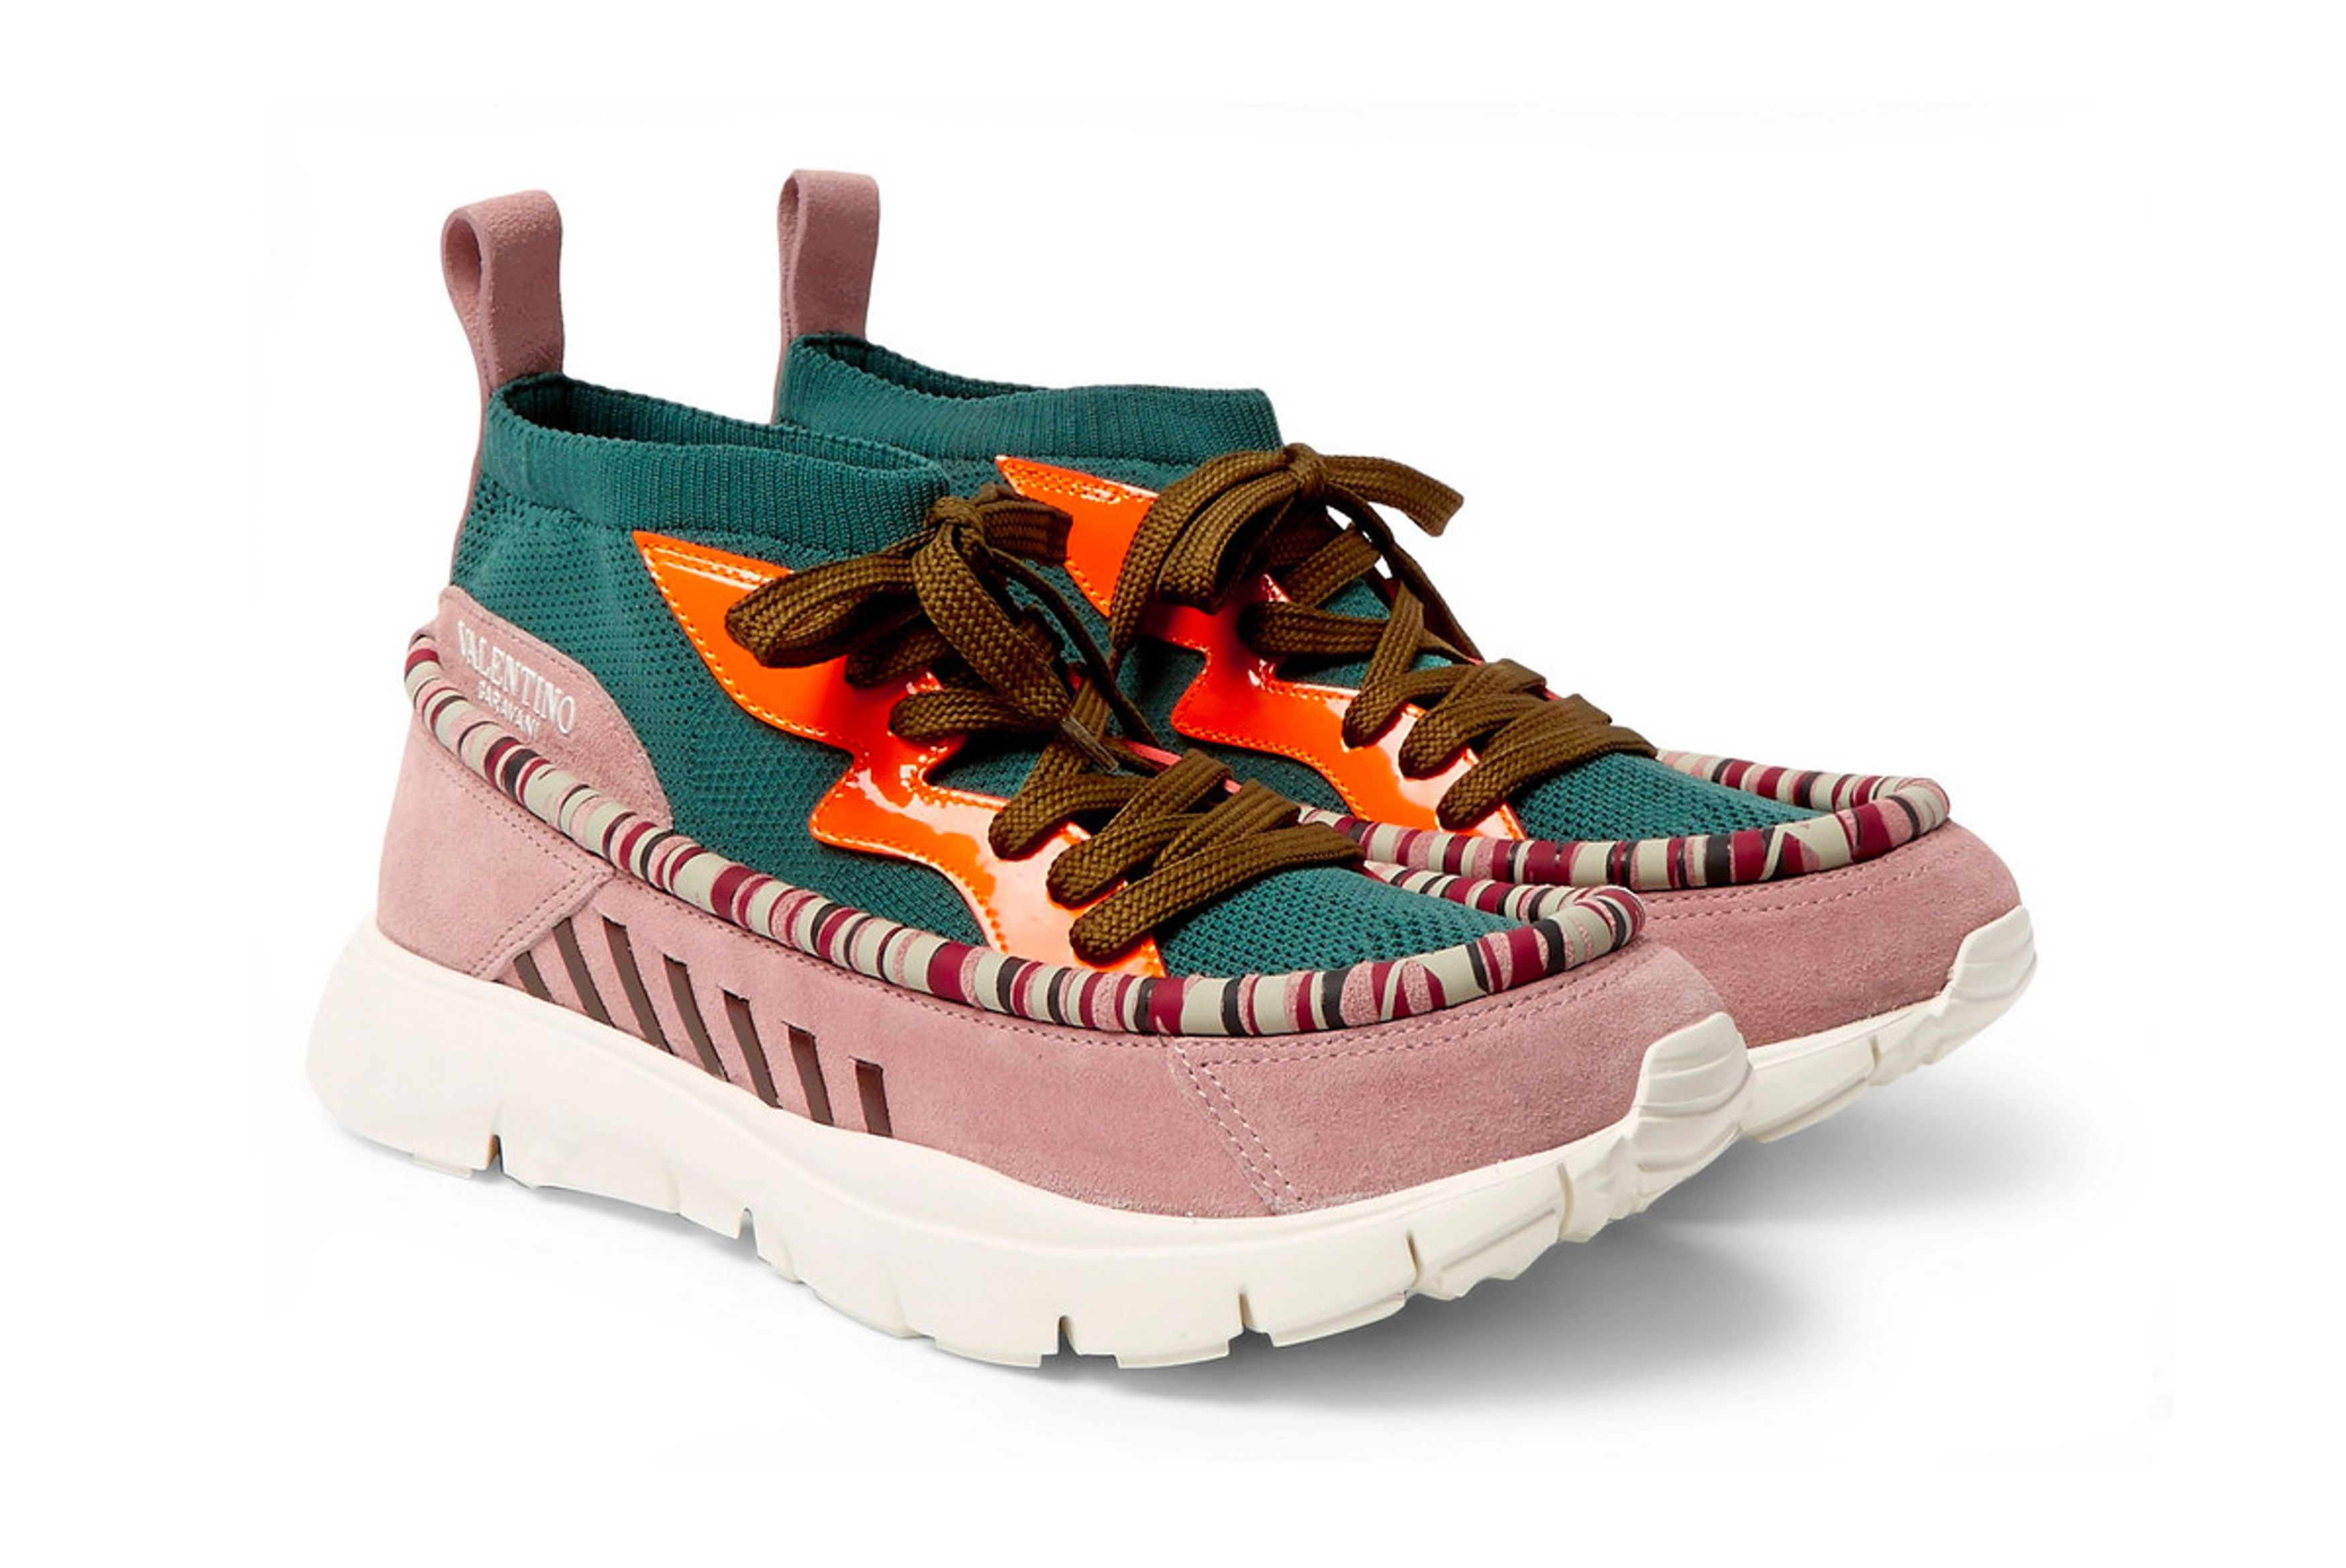 Valentino Heroes Tribe Sneakers Release 6 Sneaker Freaker